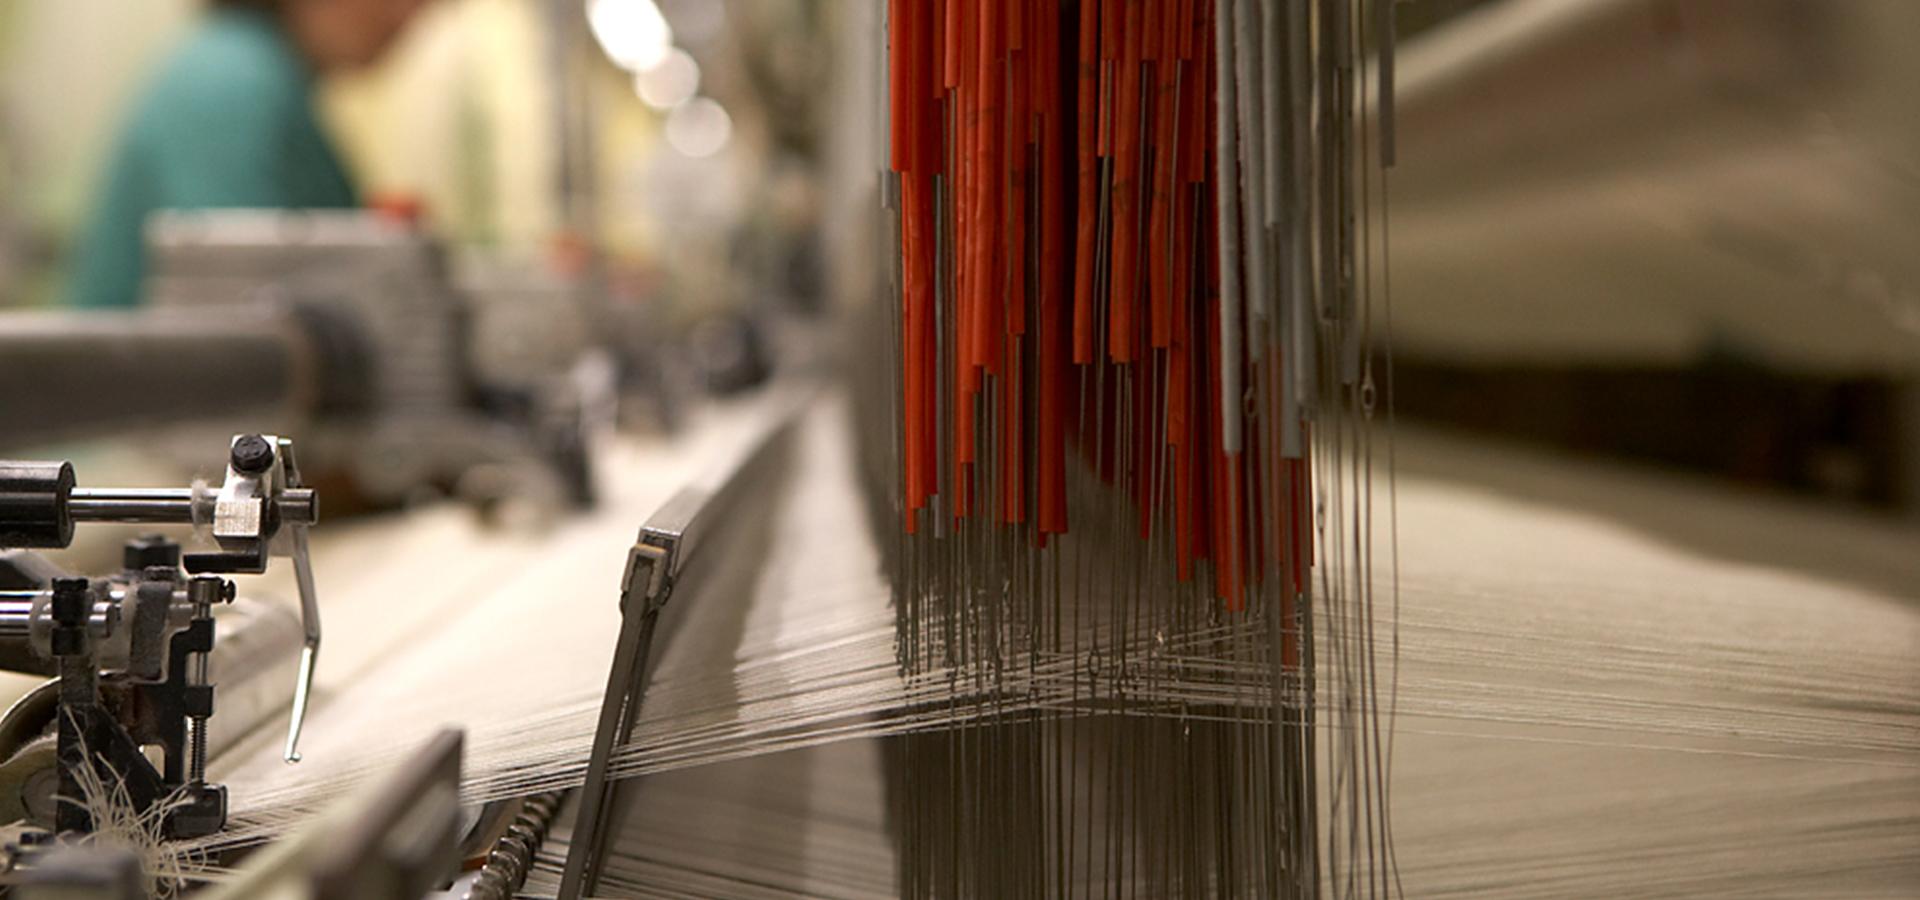 Rivolta Carmignani manifattura il ciclo produttivo completo la tessitura